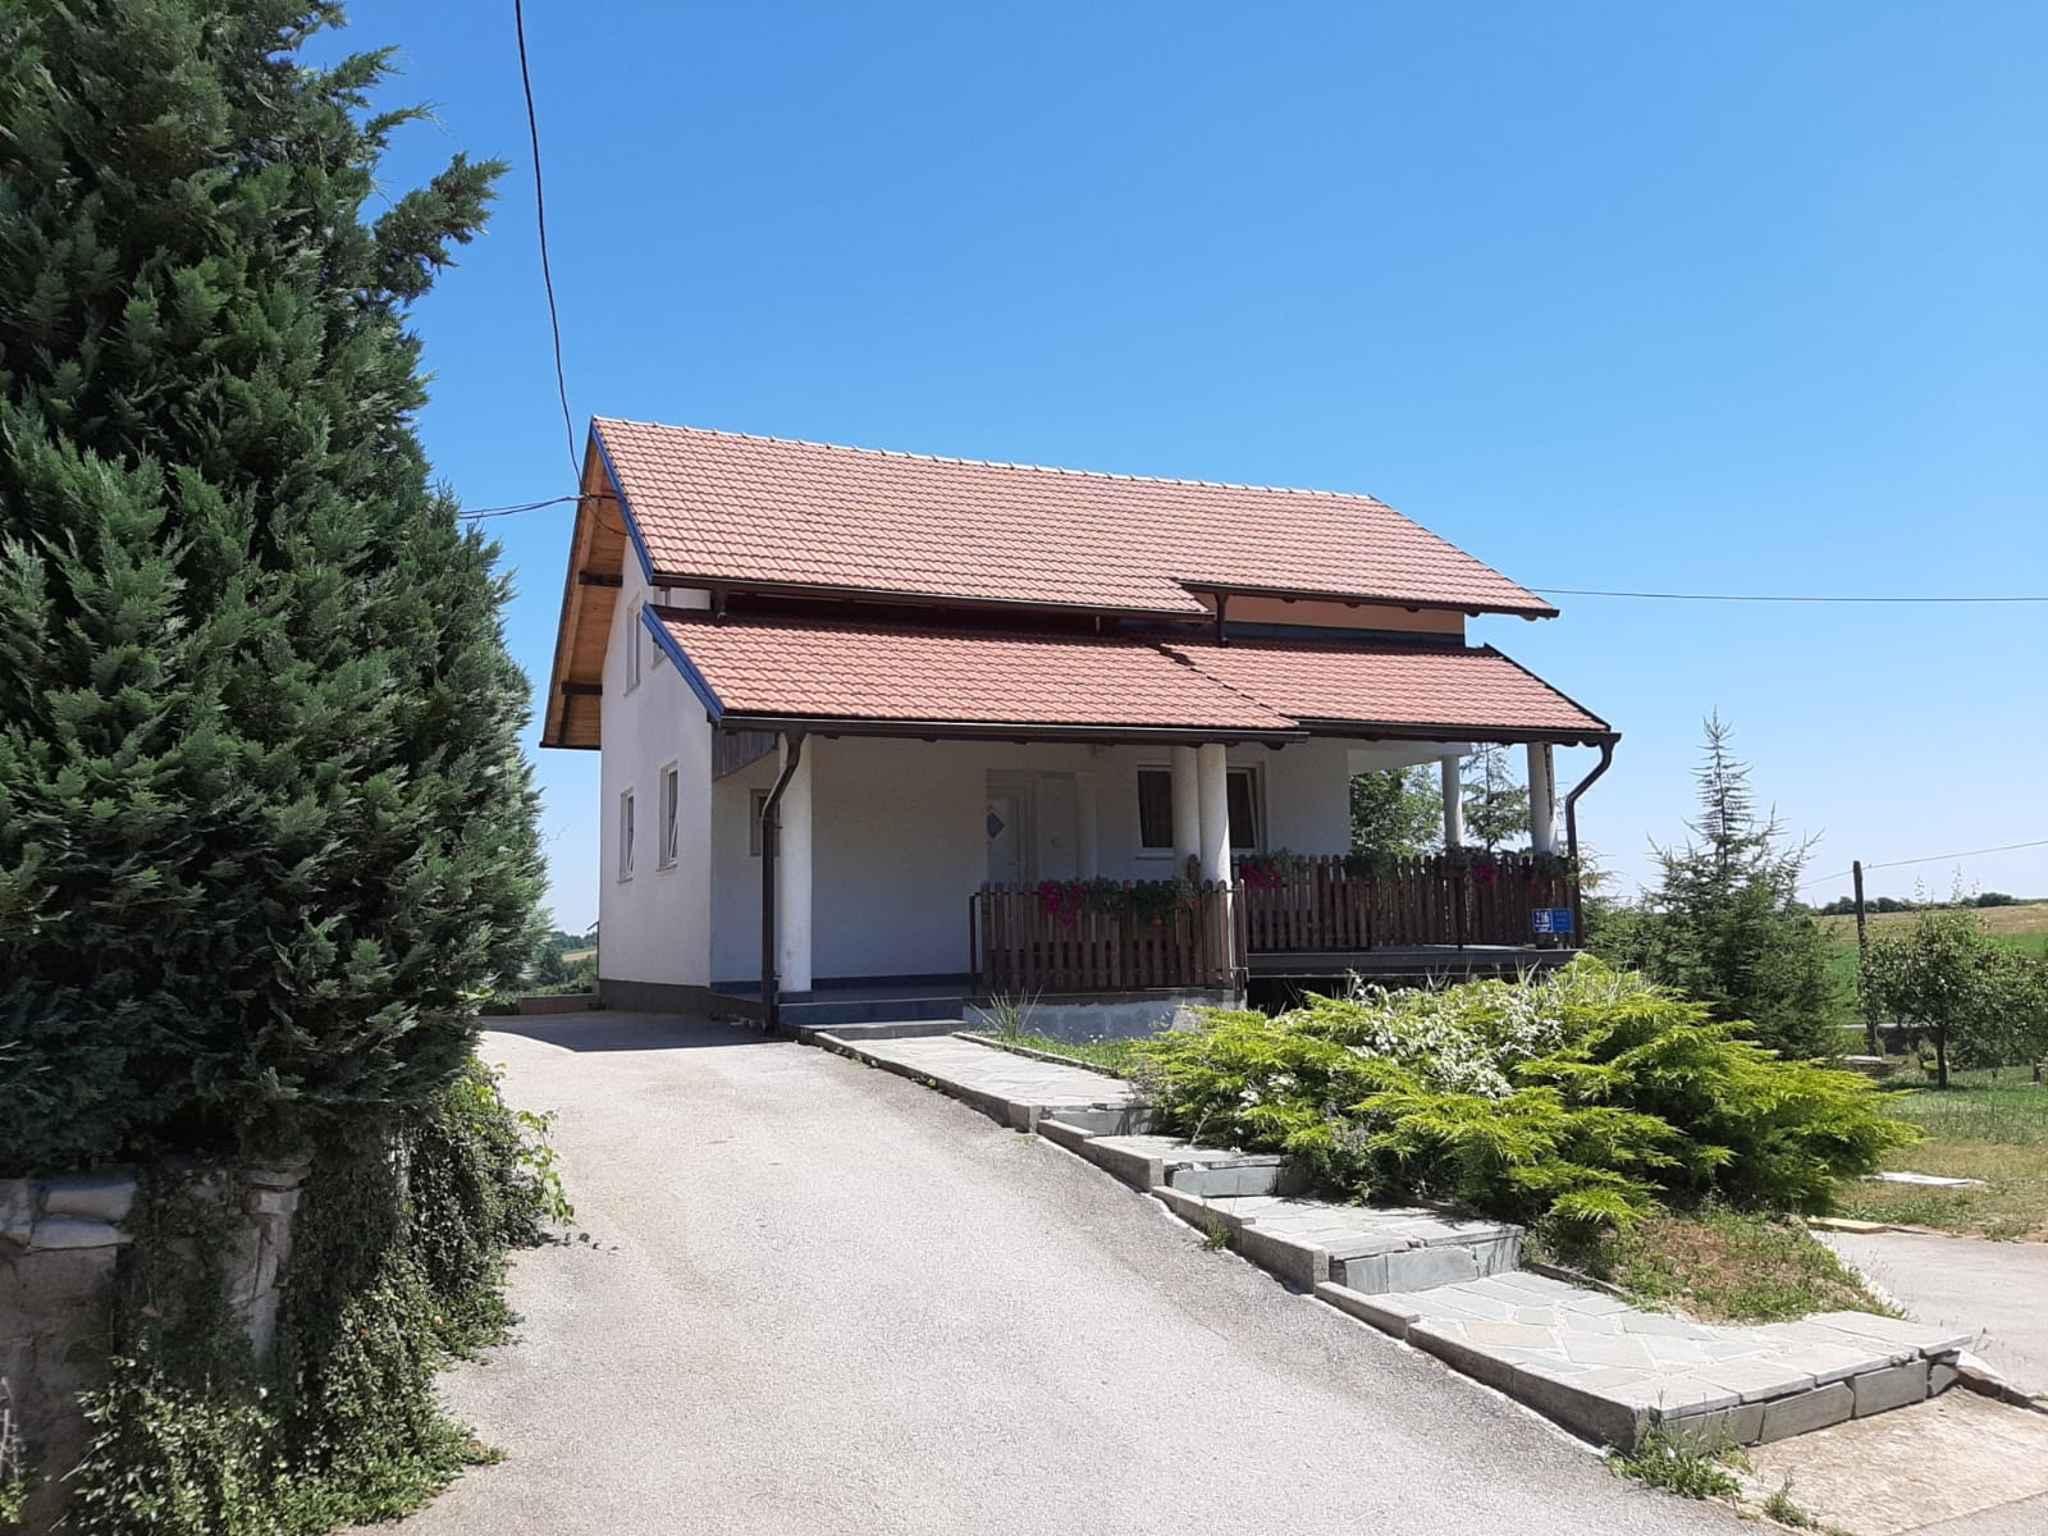 Ferienwohnung mit Terrasse (2685139), Rakovica, , Mittelkroatien, Kroatien, Bild 1